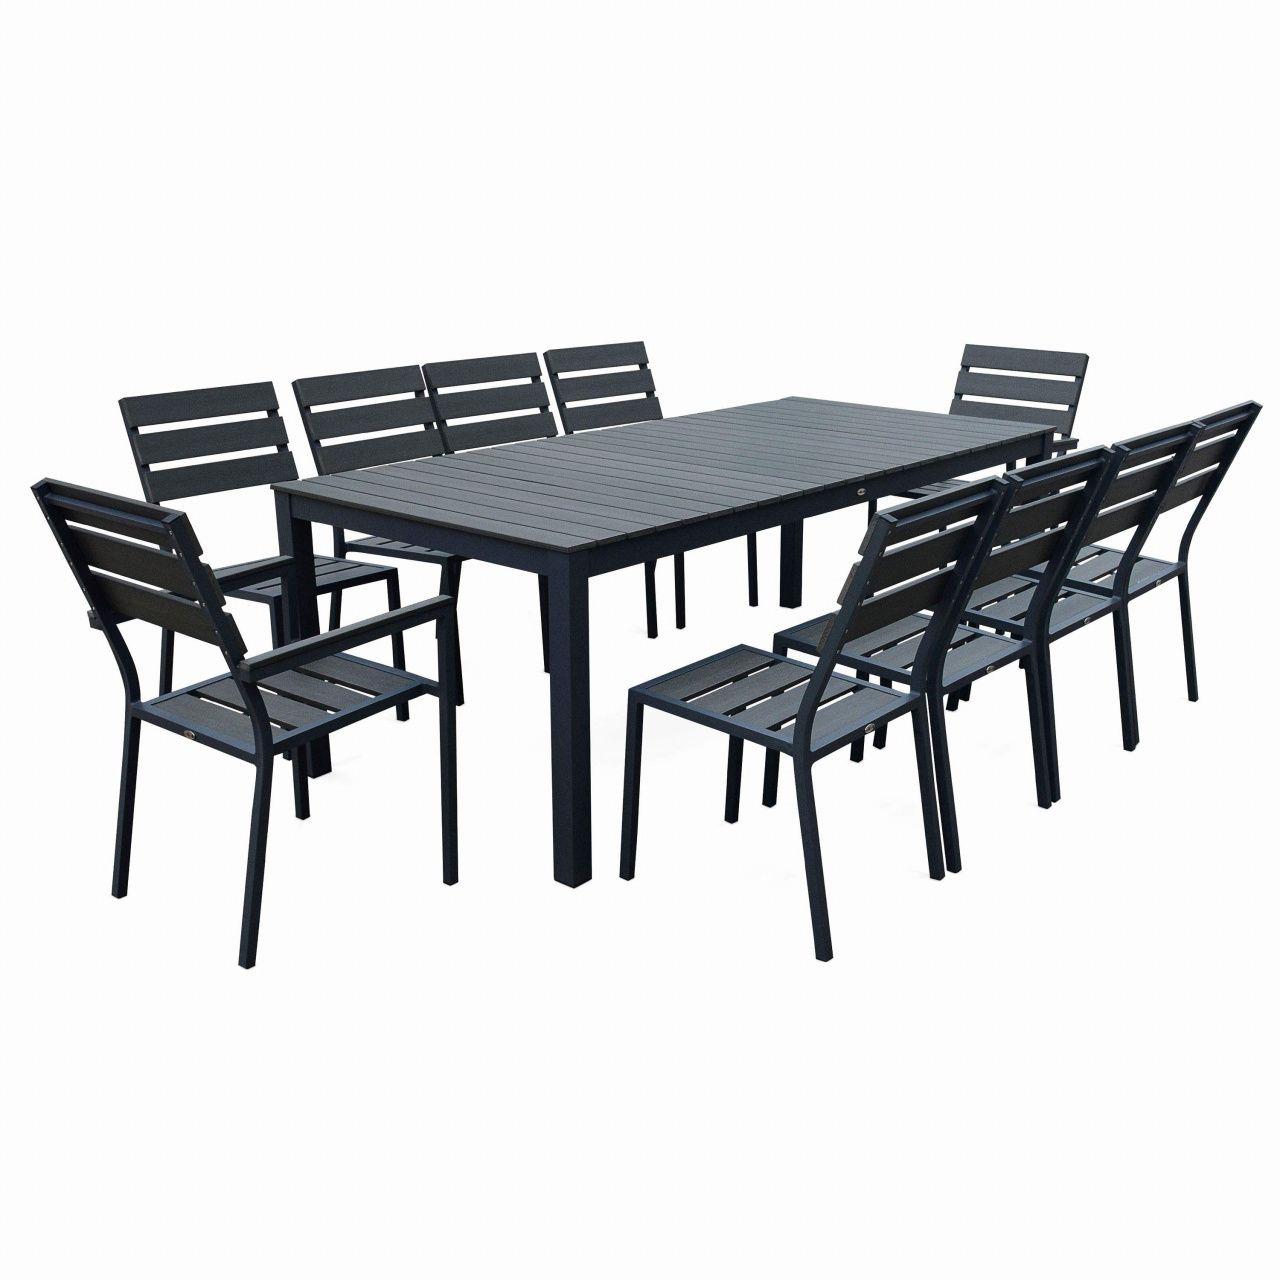 99 Fauteuil De Jardin Castorama | Outdoor Tables, Indoor Garden pour Salon De Jardin Aluminium Blanc